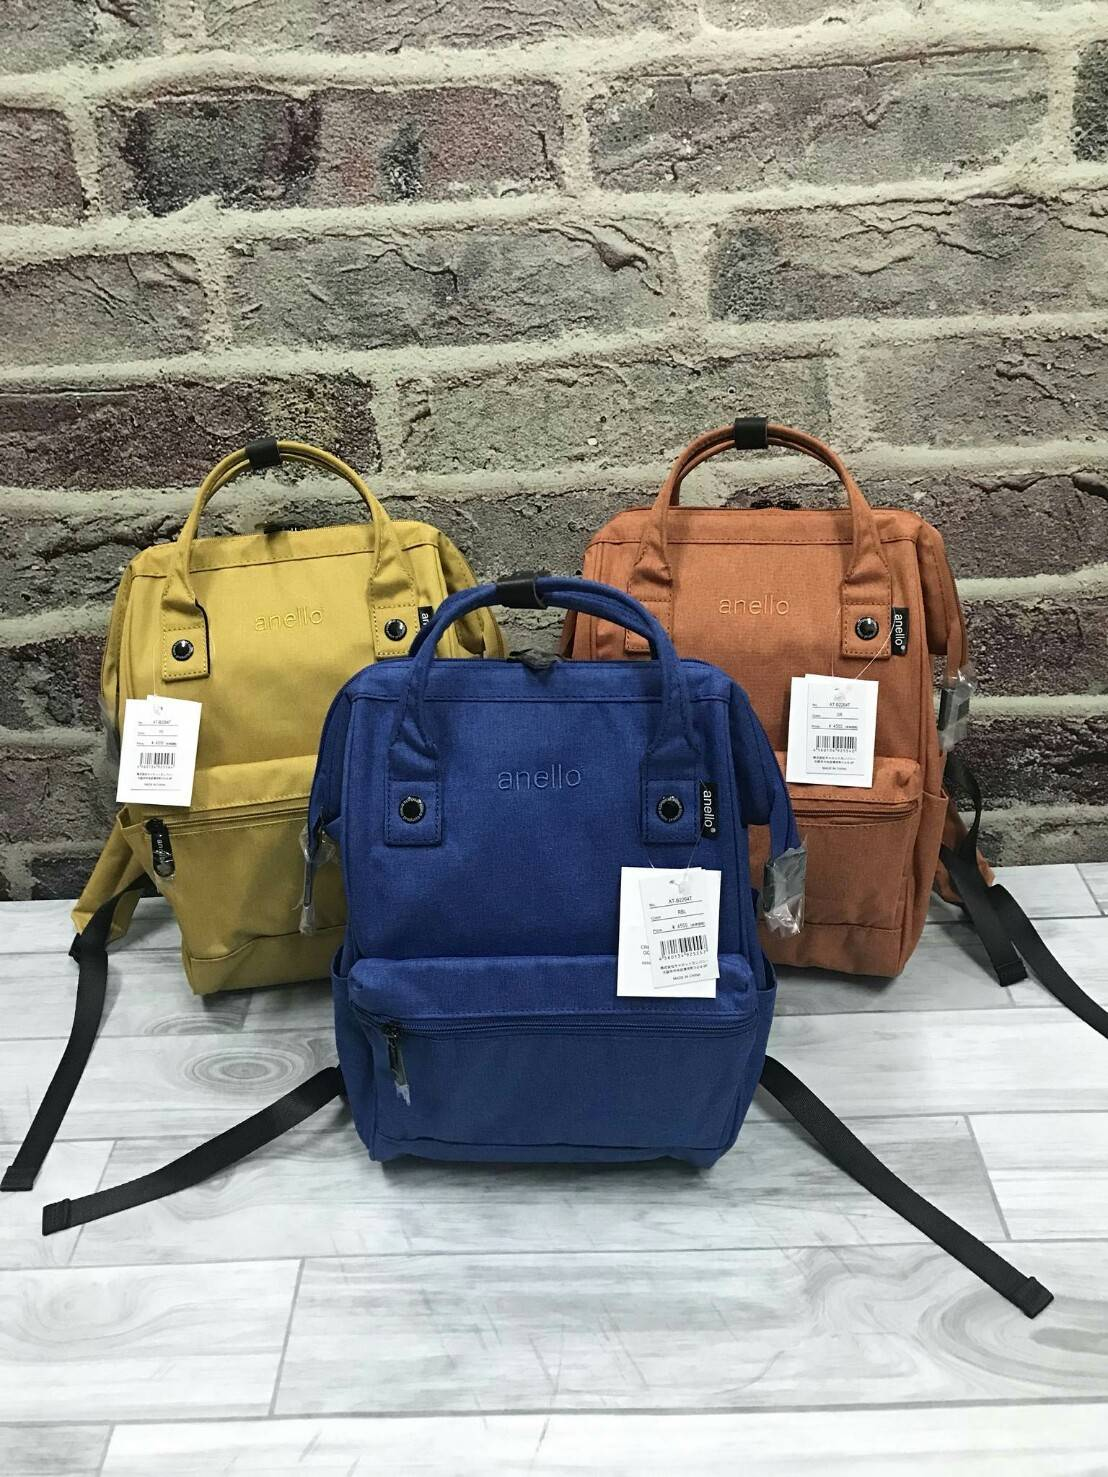 Anello Mottled Polyester Backpack ขนาด Mini New Color 3 สี